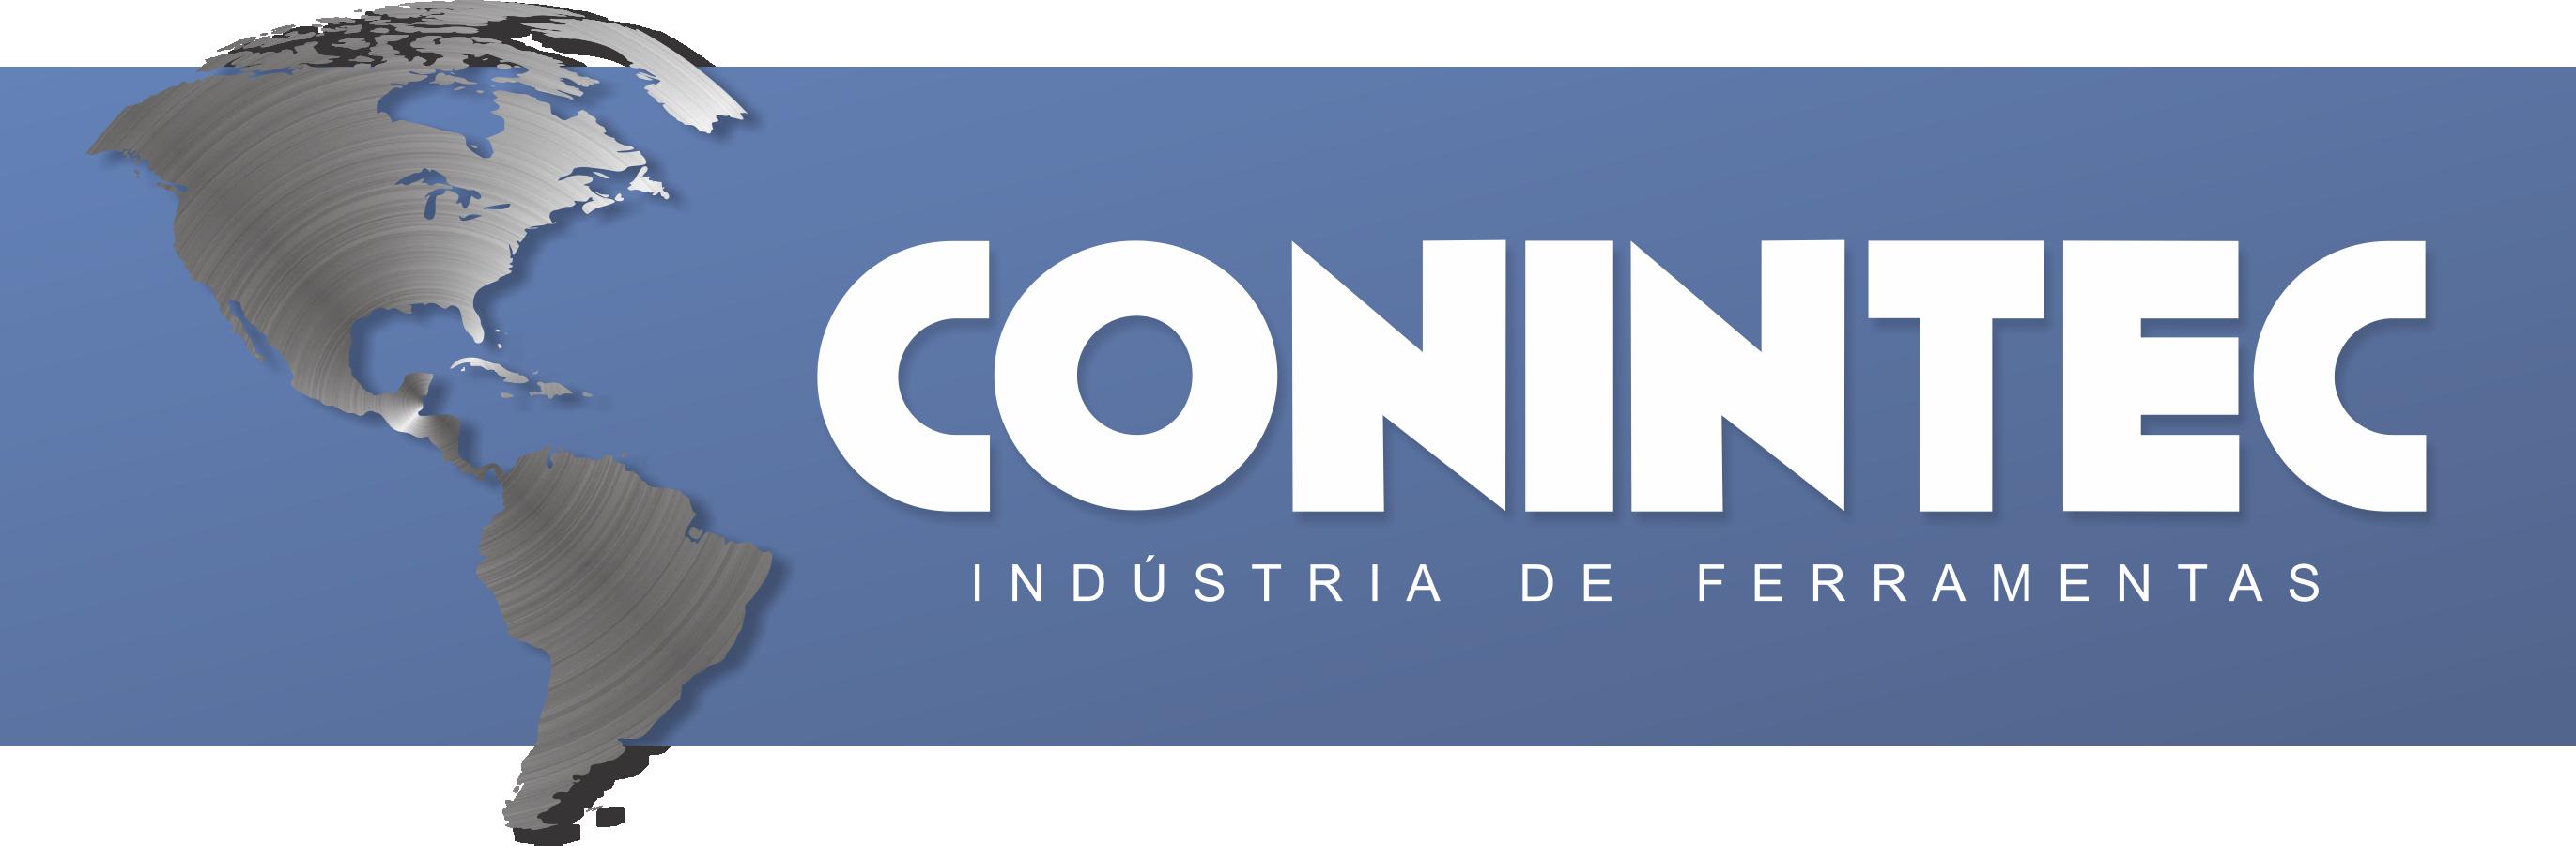 Conintec